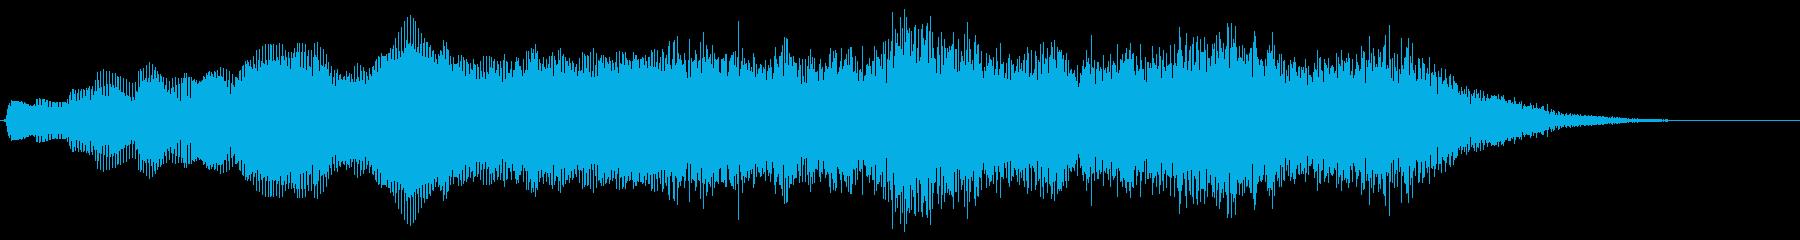 神秘的なライジングシンセパッドの再生済みの波形